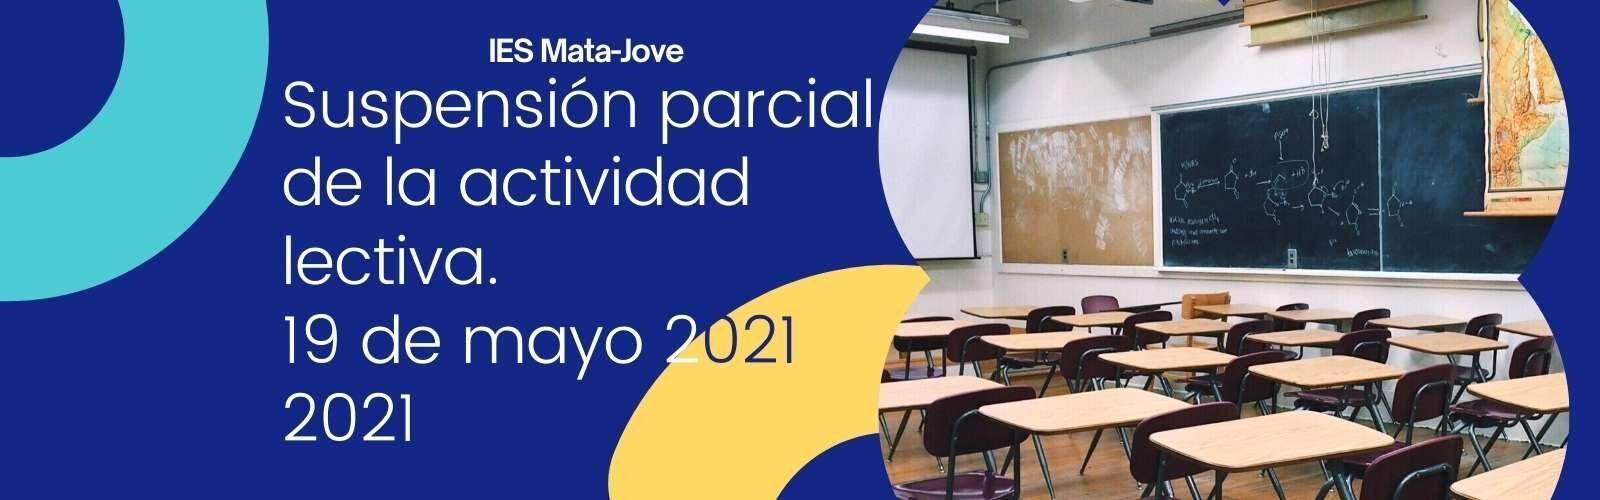 Suspensión parcial de la actividad lectiva 19 de mayo de 2021